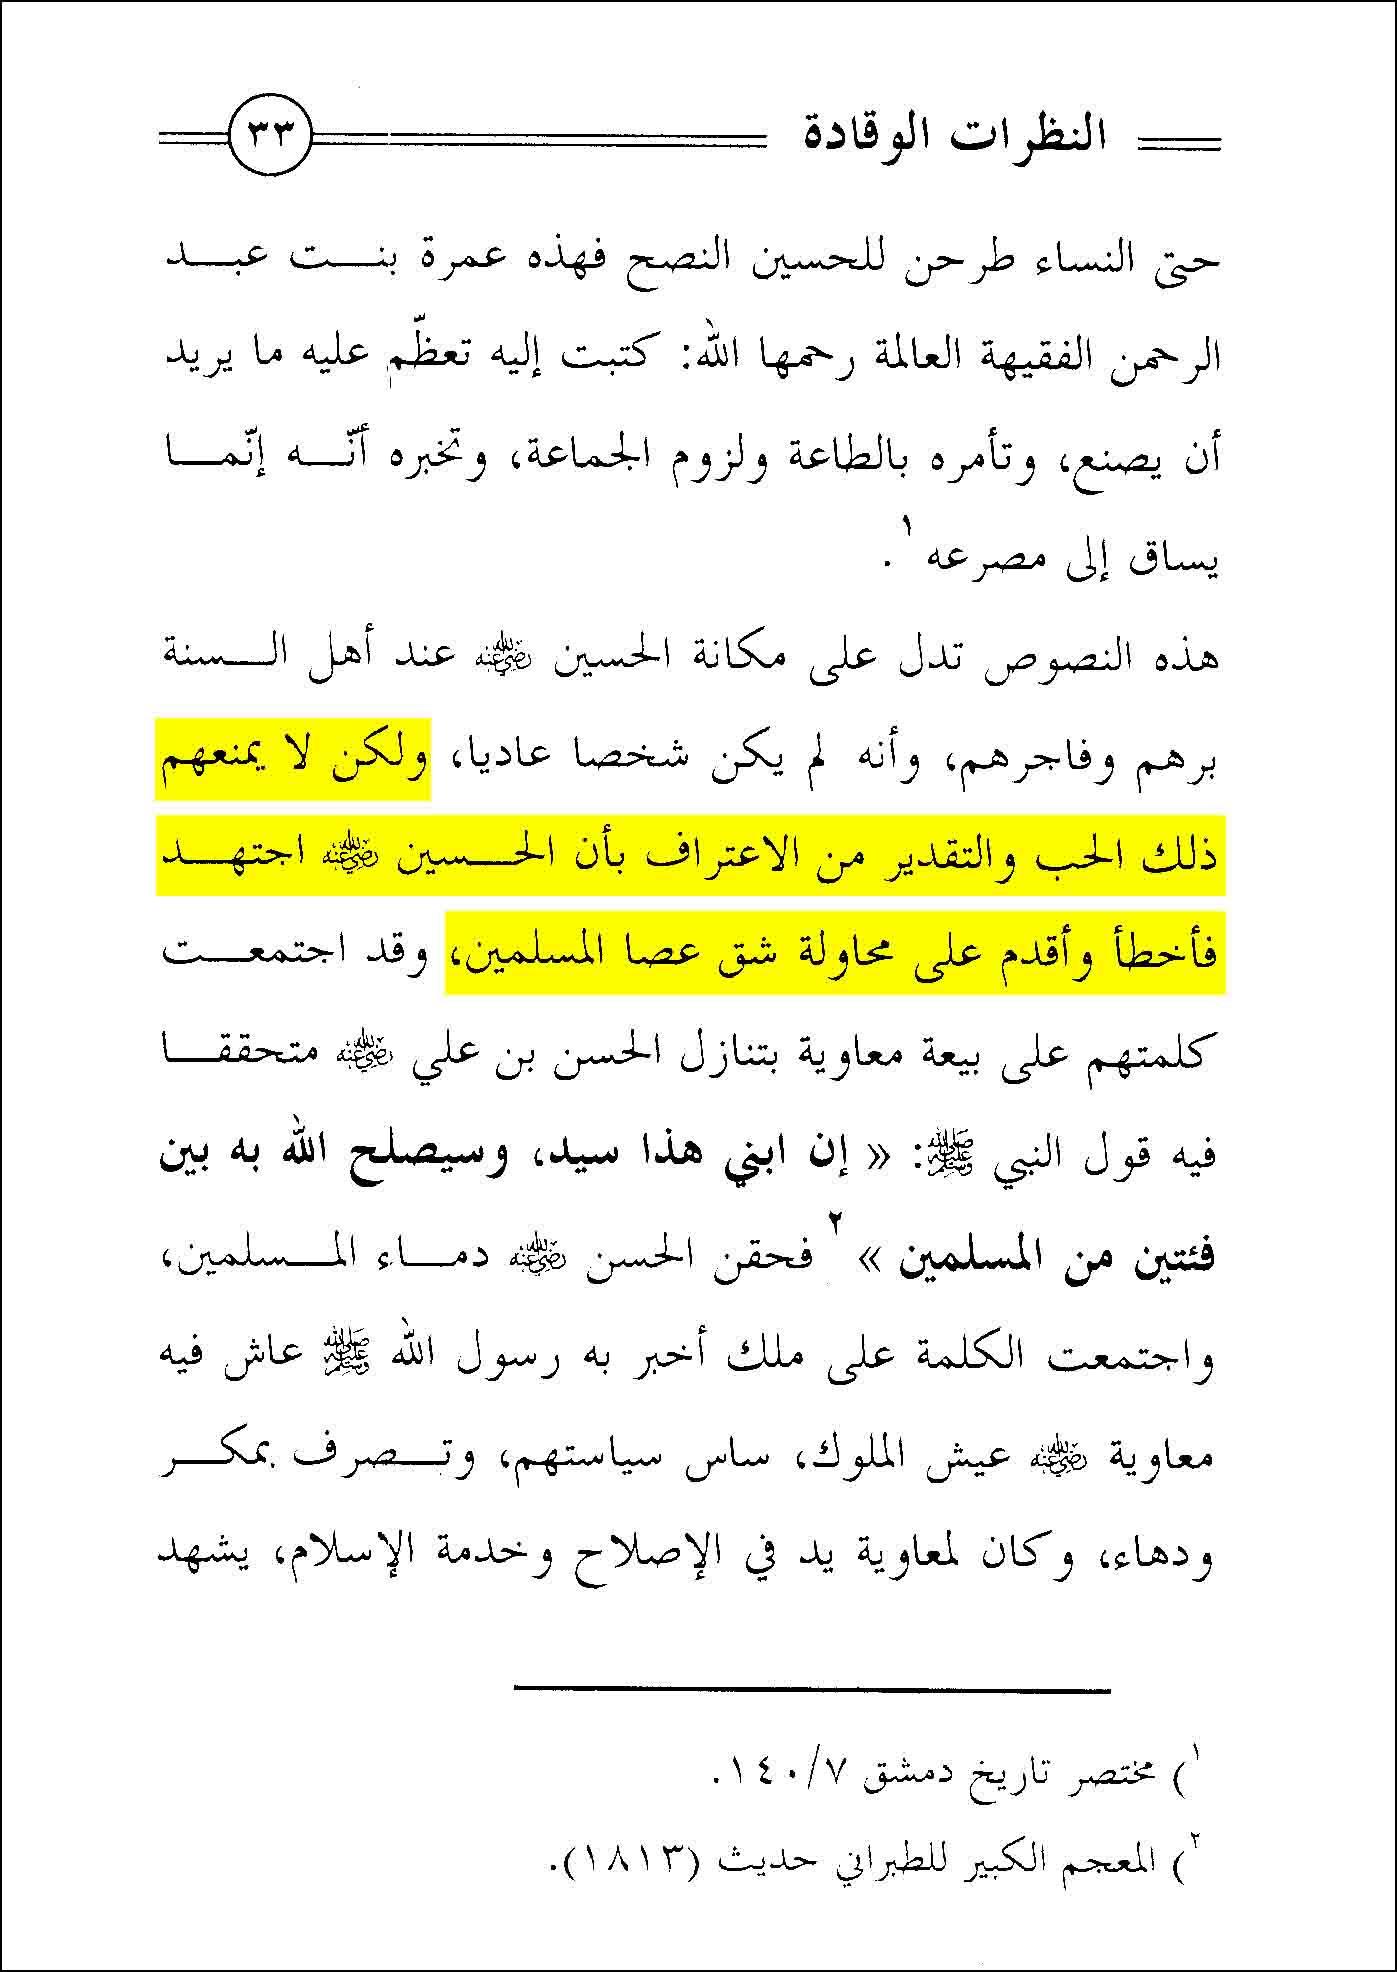 تهاجم وهابیت نسبت به عاشورا